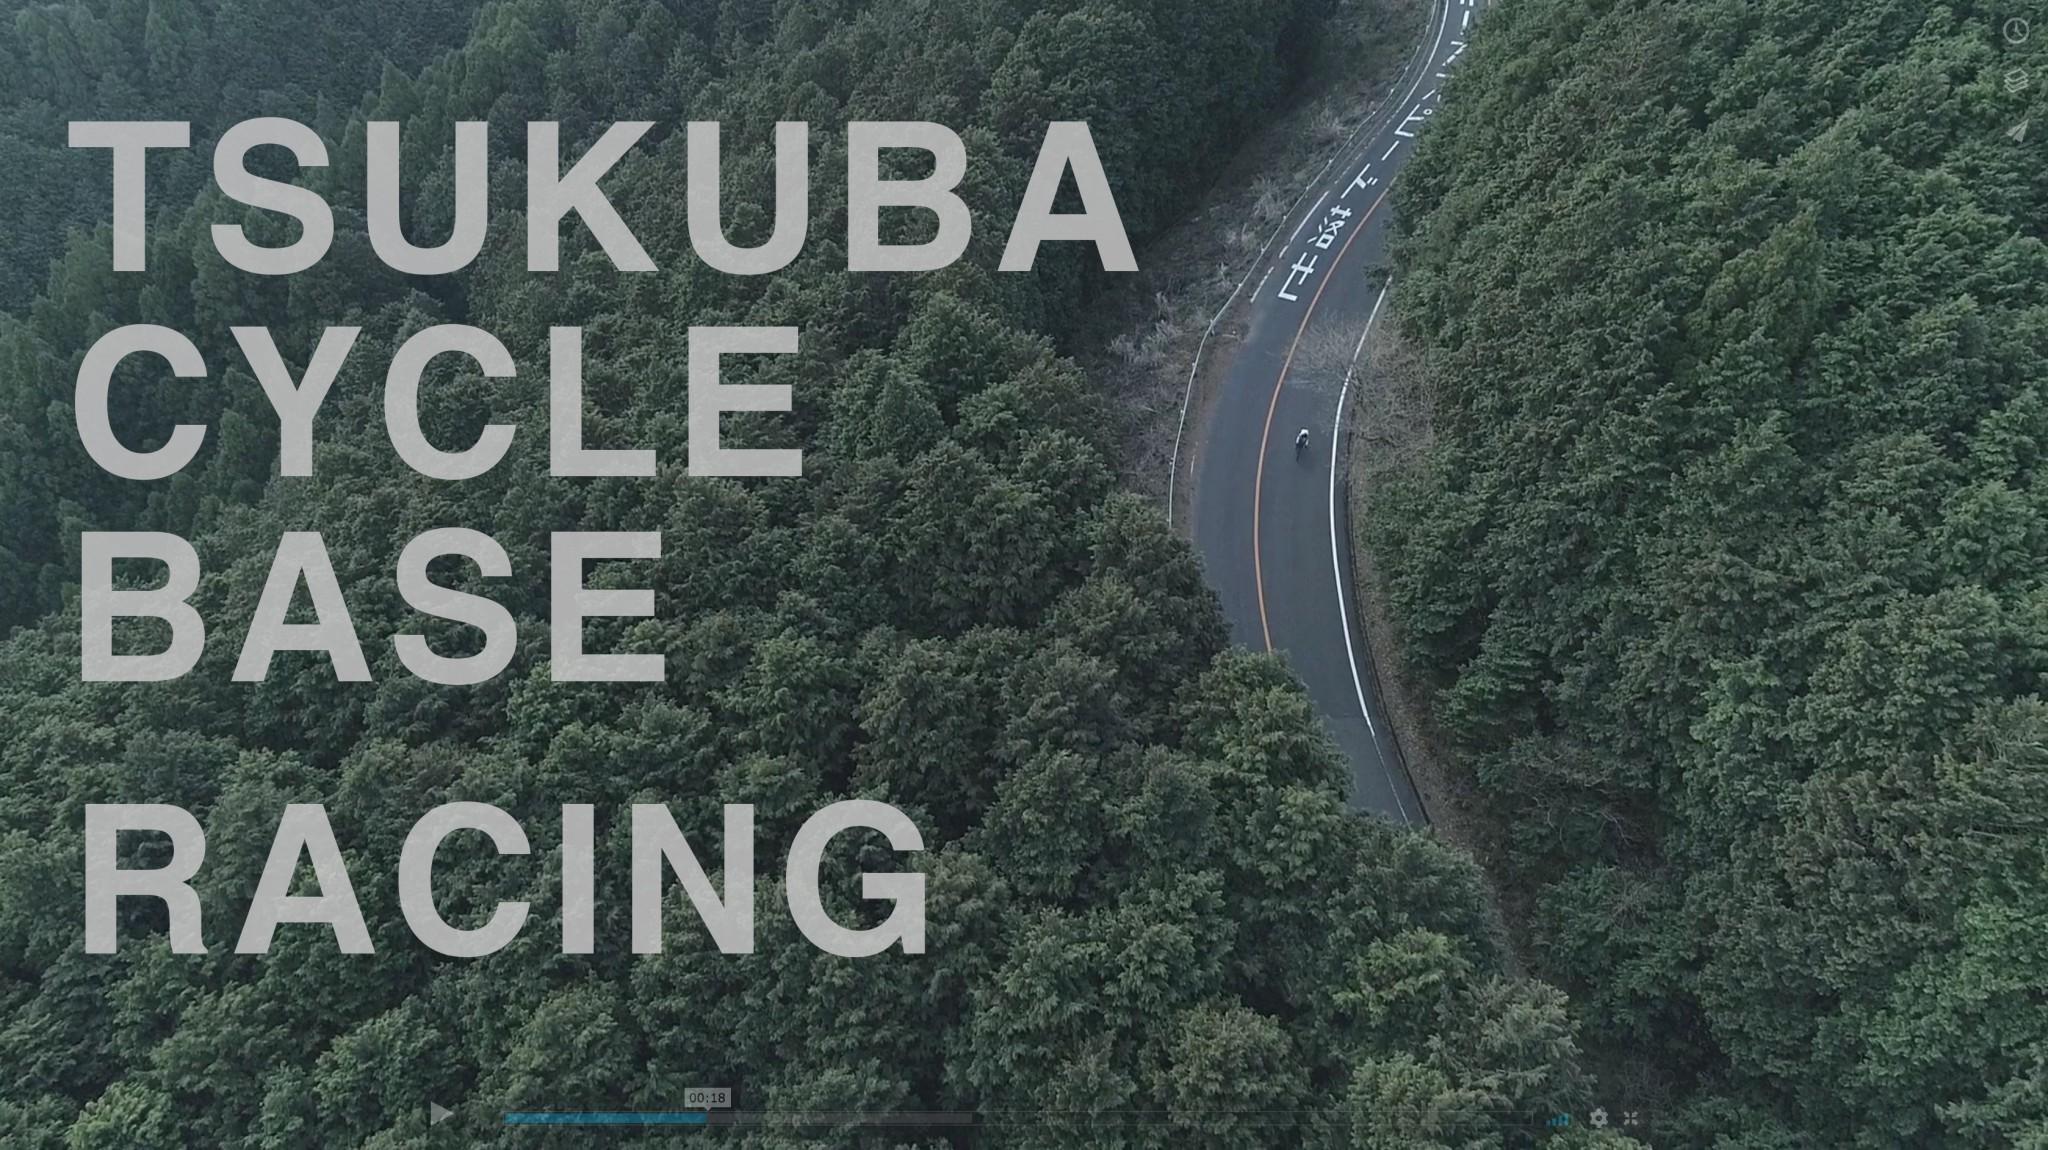 Tsukuba Cycle base - Racing / 2018